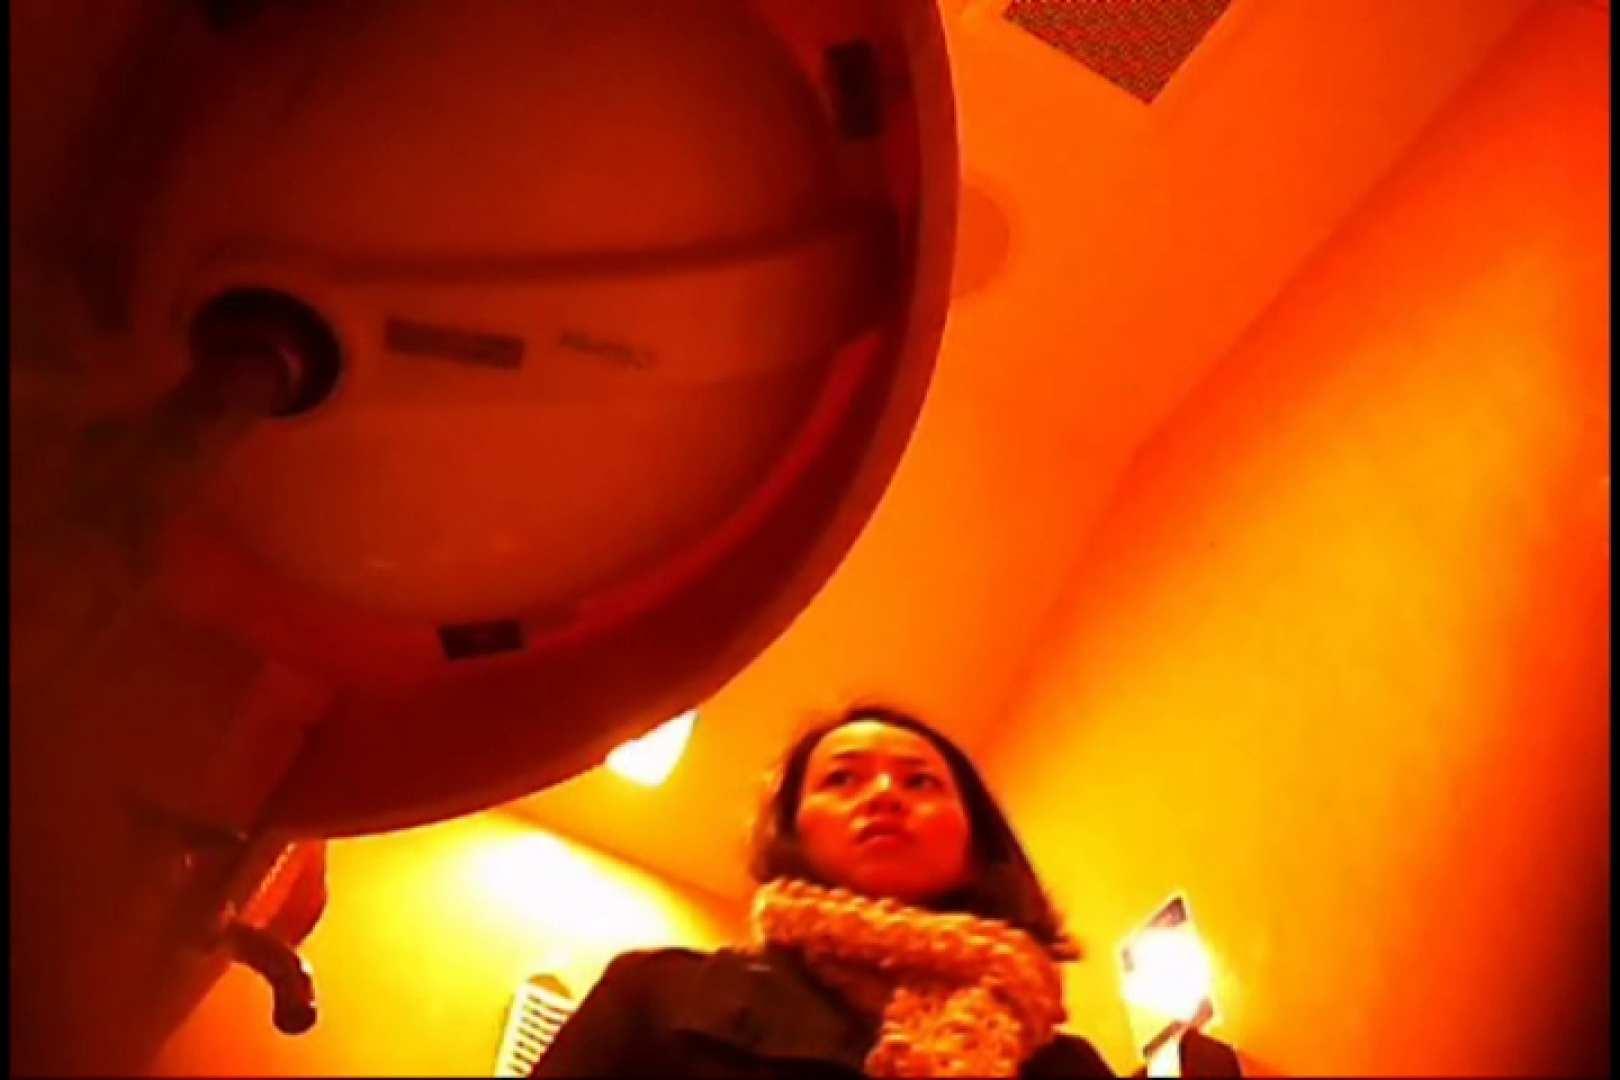 潜入!!女子化粧室盗撮~絶対見られたくない時間~vo,8 盗撮師作品 ヌード画像 106pic 22